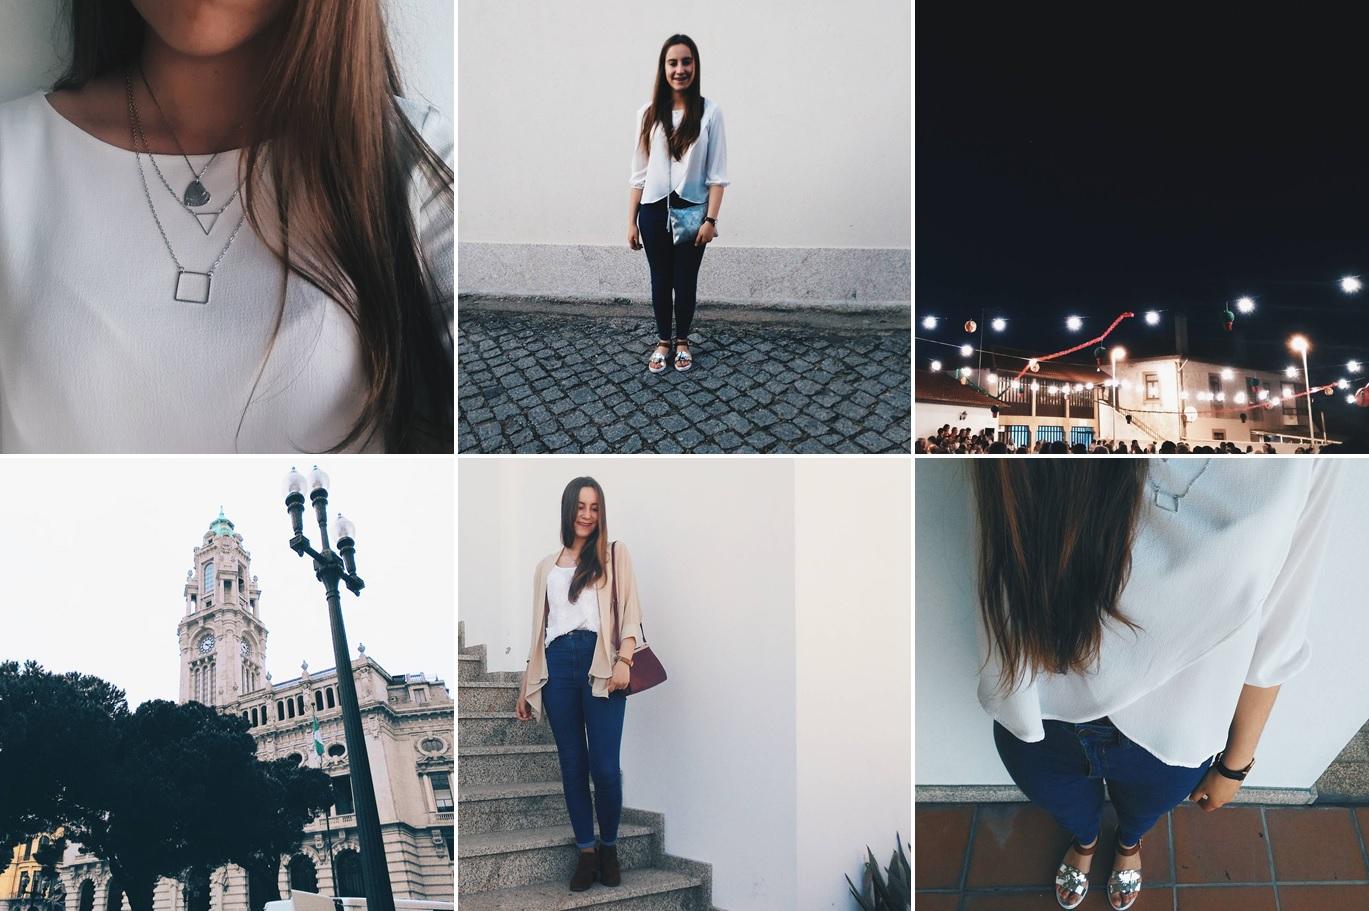 #21 My days through Instagram